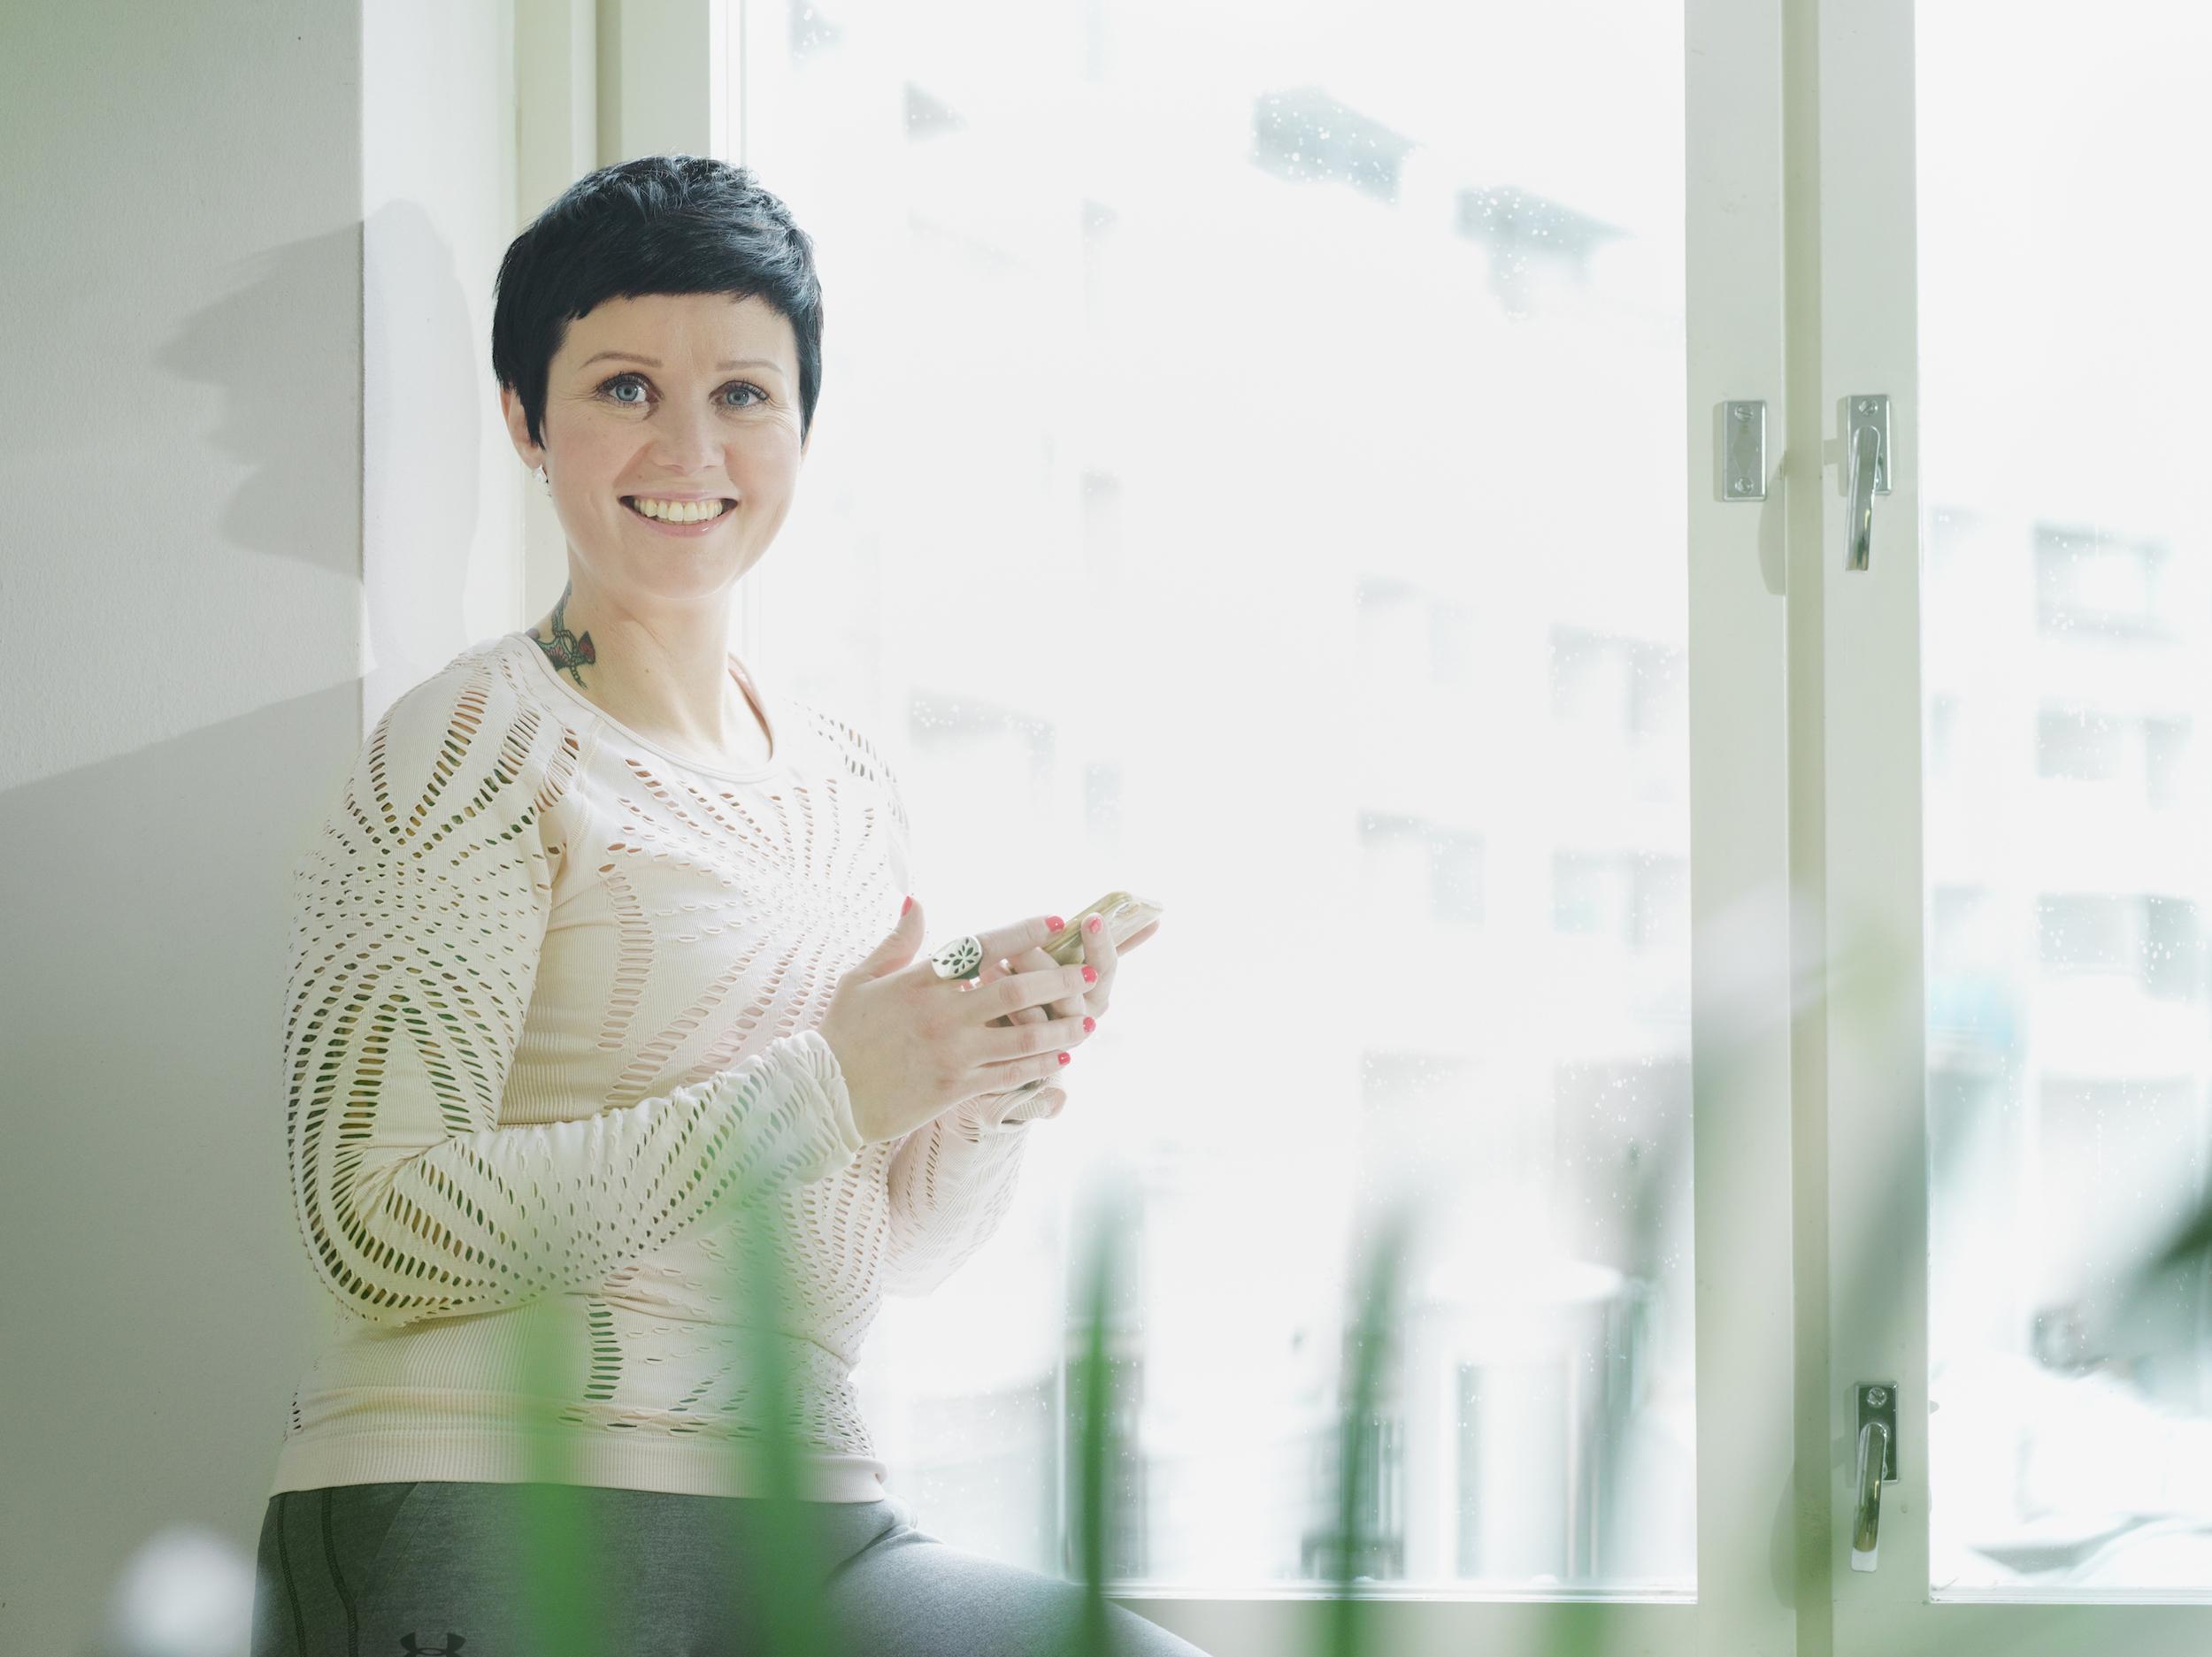 Supermallina Kalevala Korulle – Smart Ring -älysormus on lanseerattu